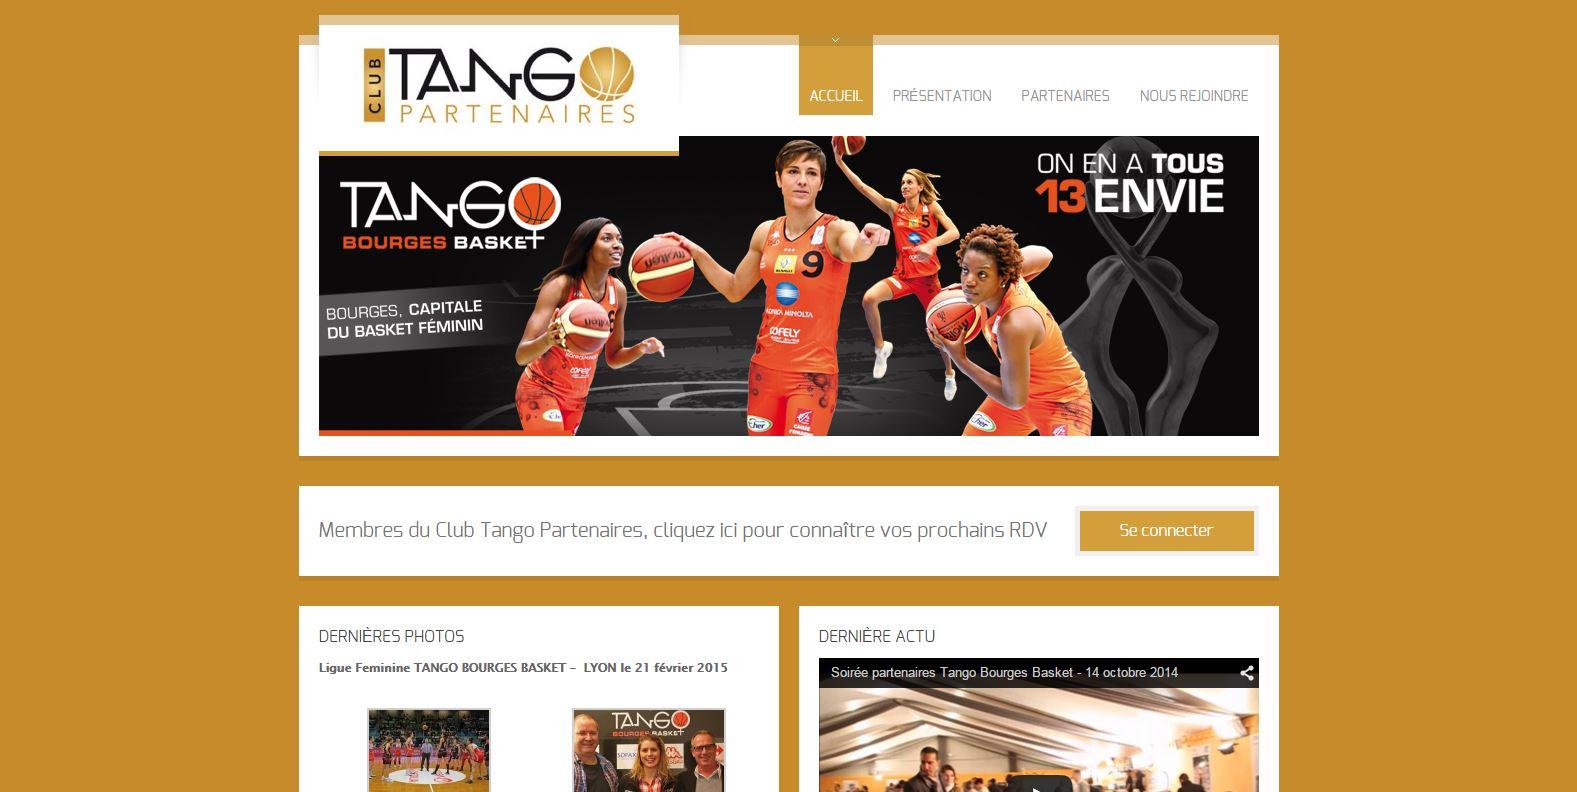 Club Business partenaires du club professionnel Tango Bourges Basket - www.clubtangopartenaires.com